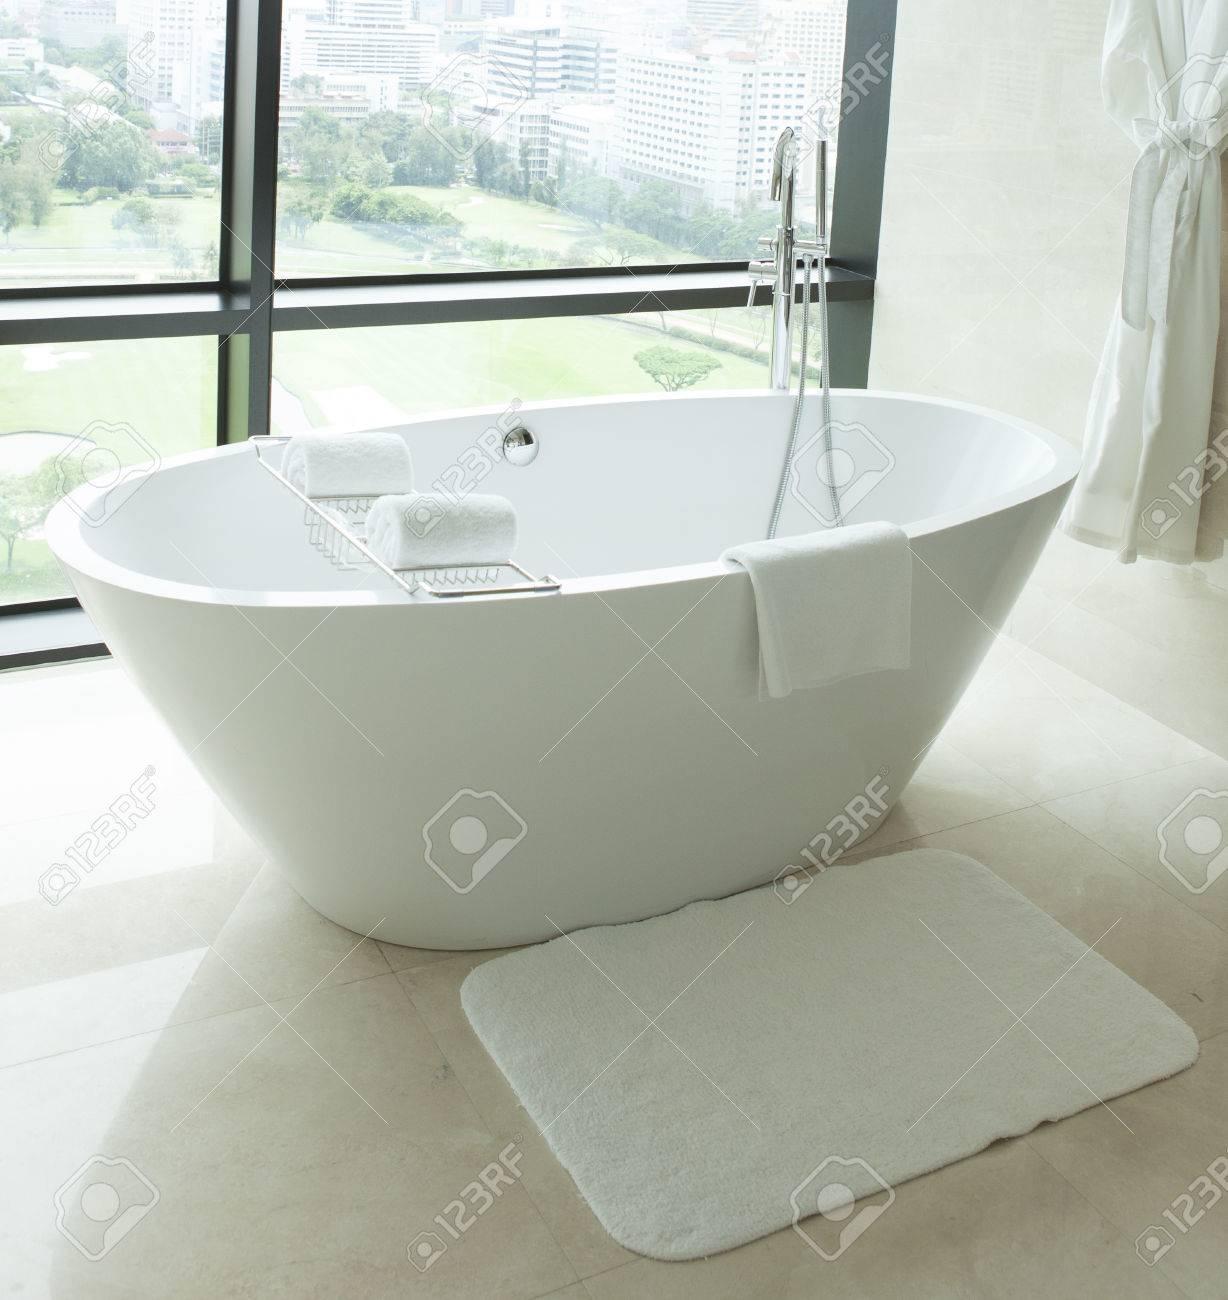 Bain de pieds griffe dans une salle de bain en carrelage blanc ...